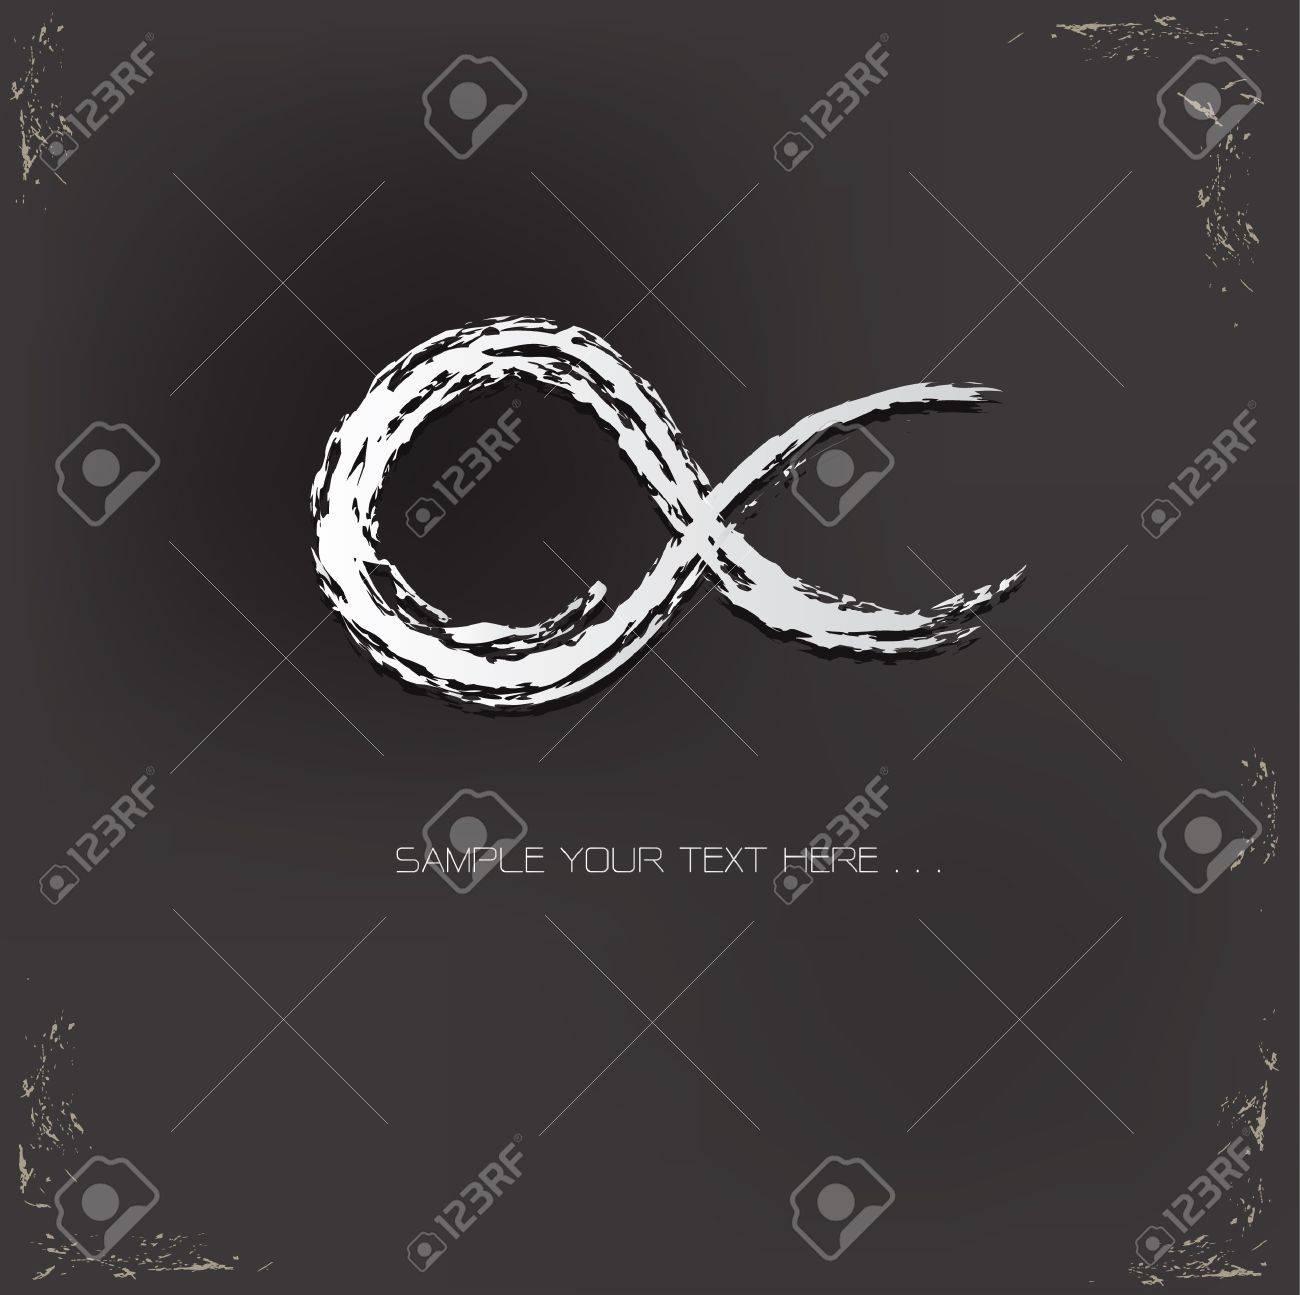 Infinity symbolvector royalty free cliparts vectors and stock infinity symbolvector stock vector 21635517 biocorpaavc